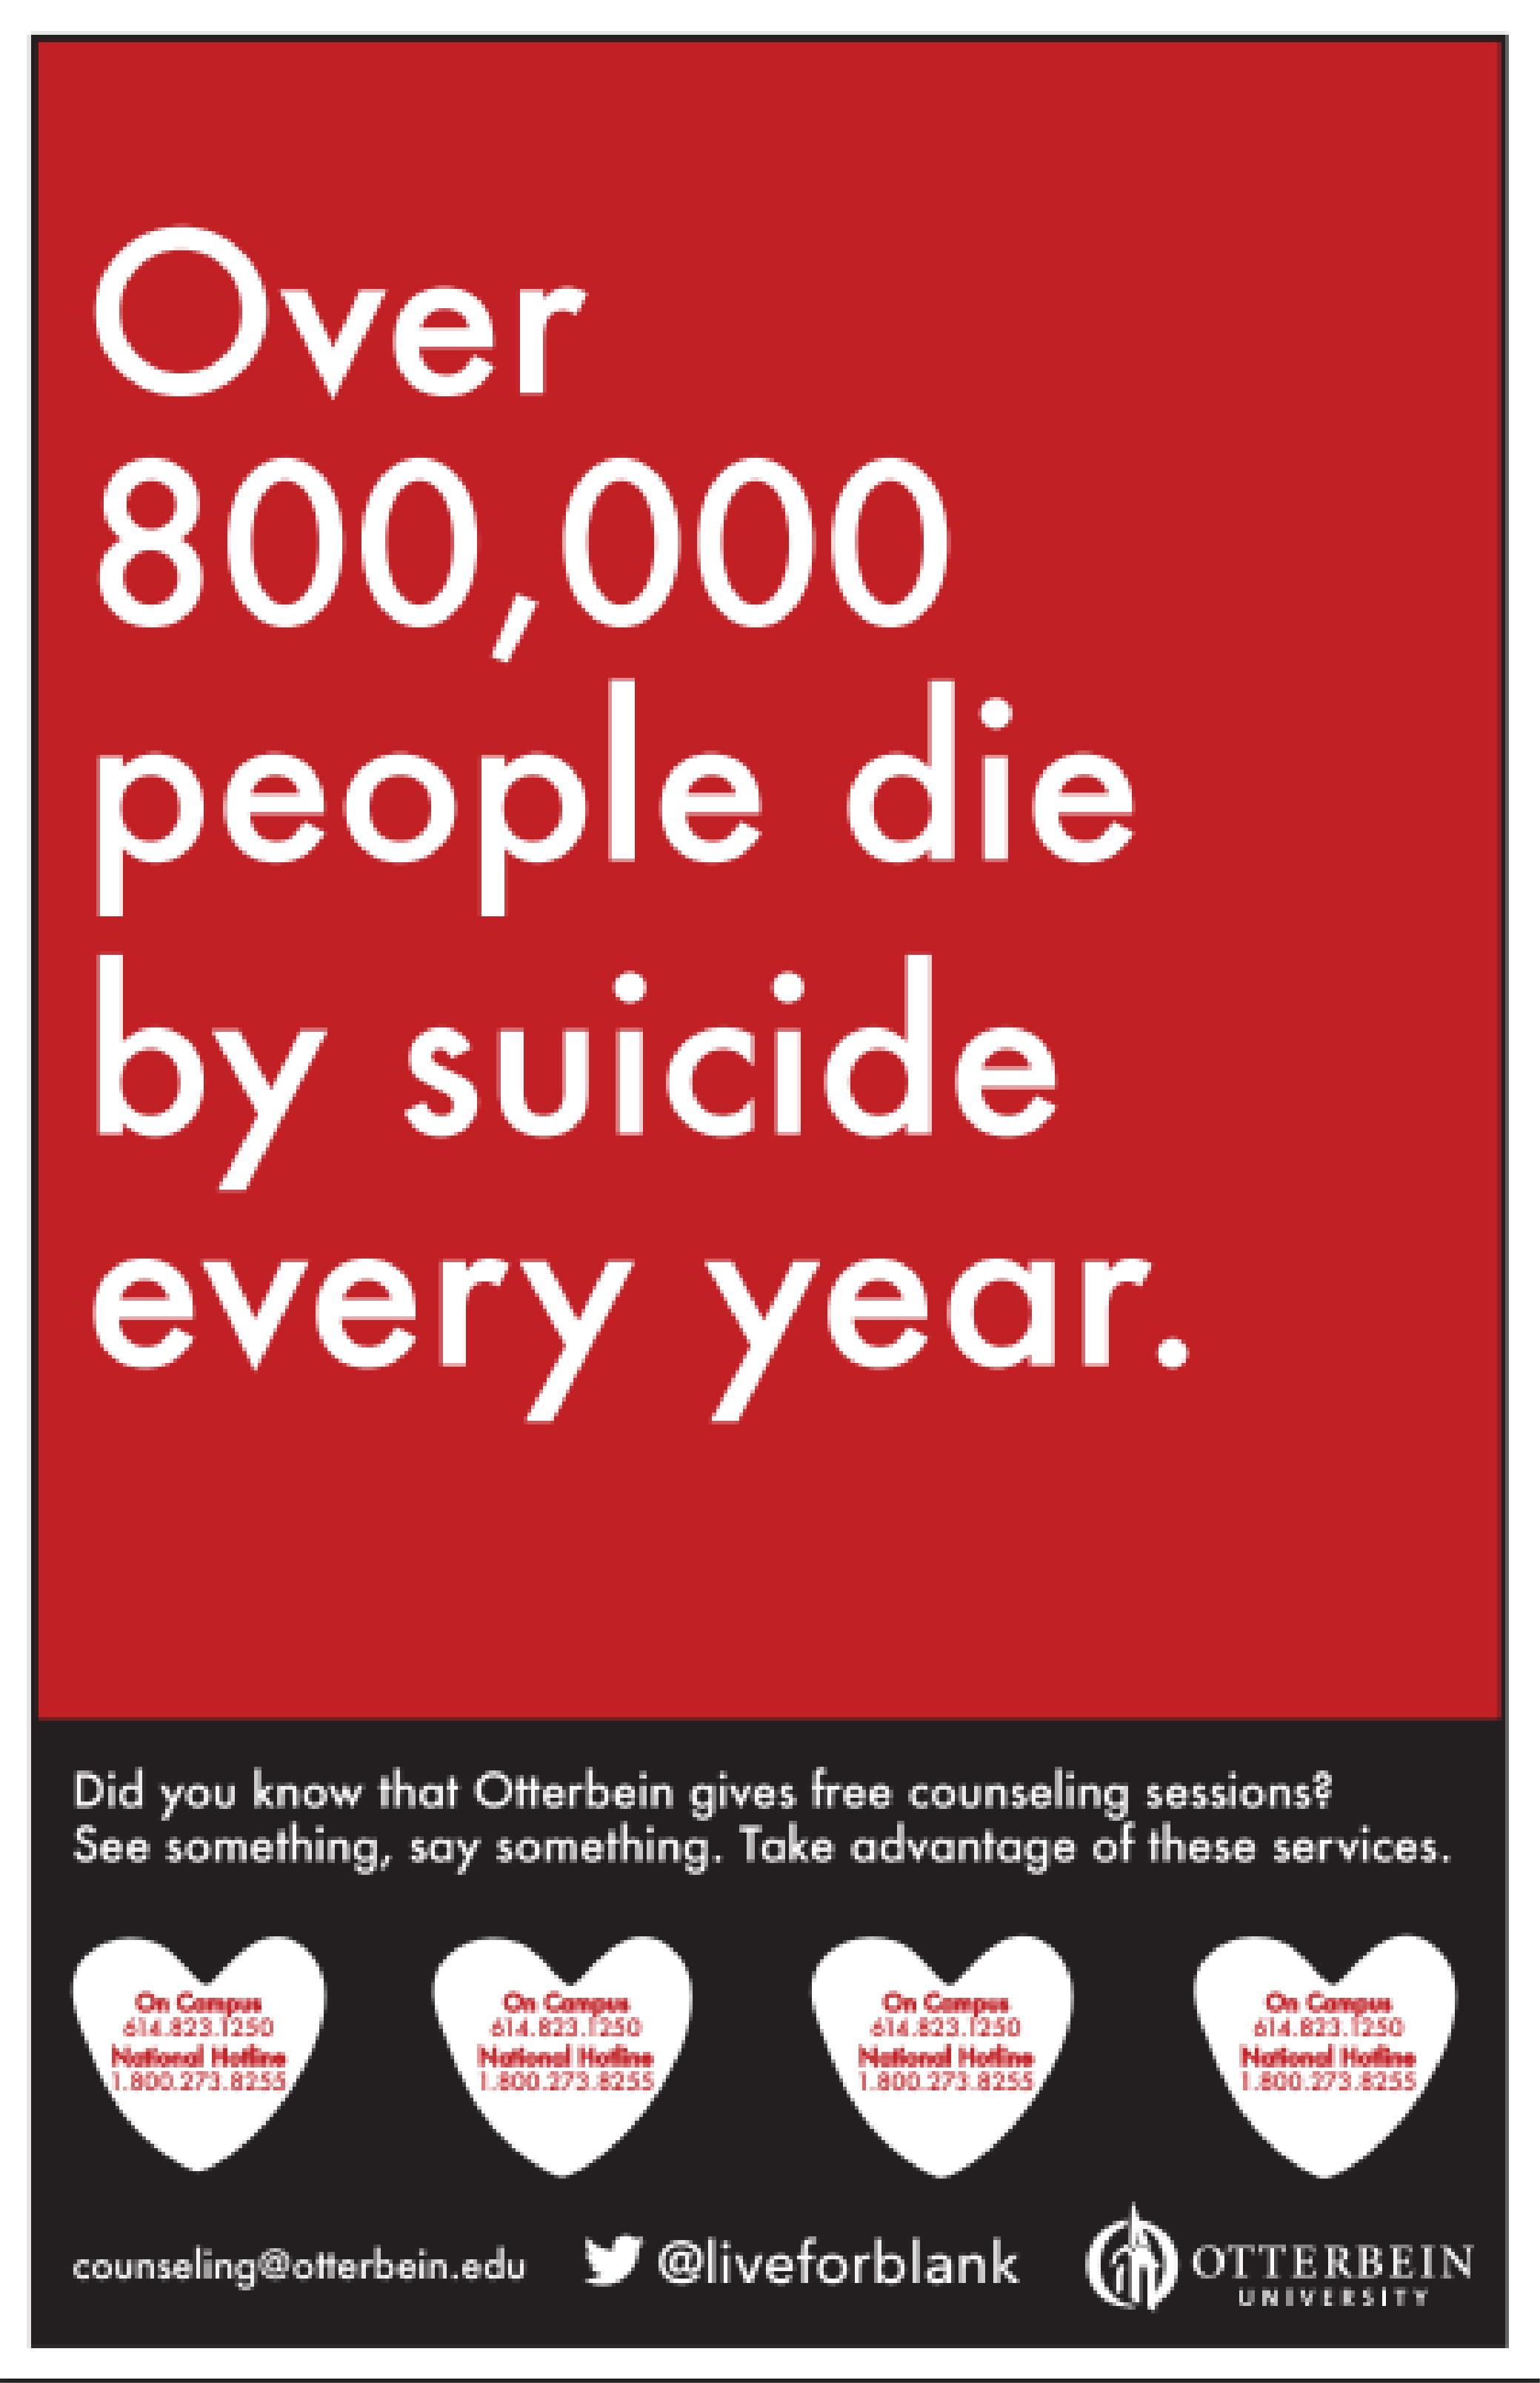 suicide poster2.jpg